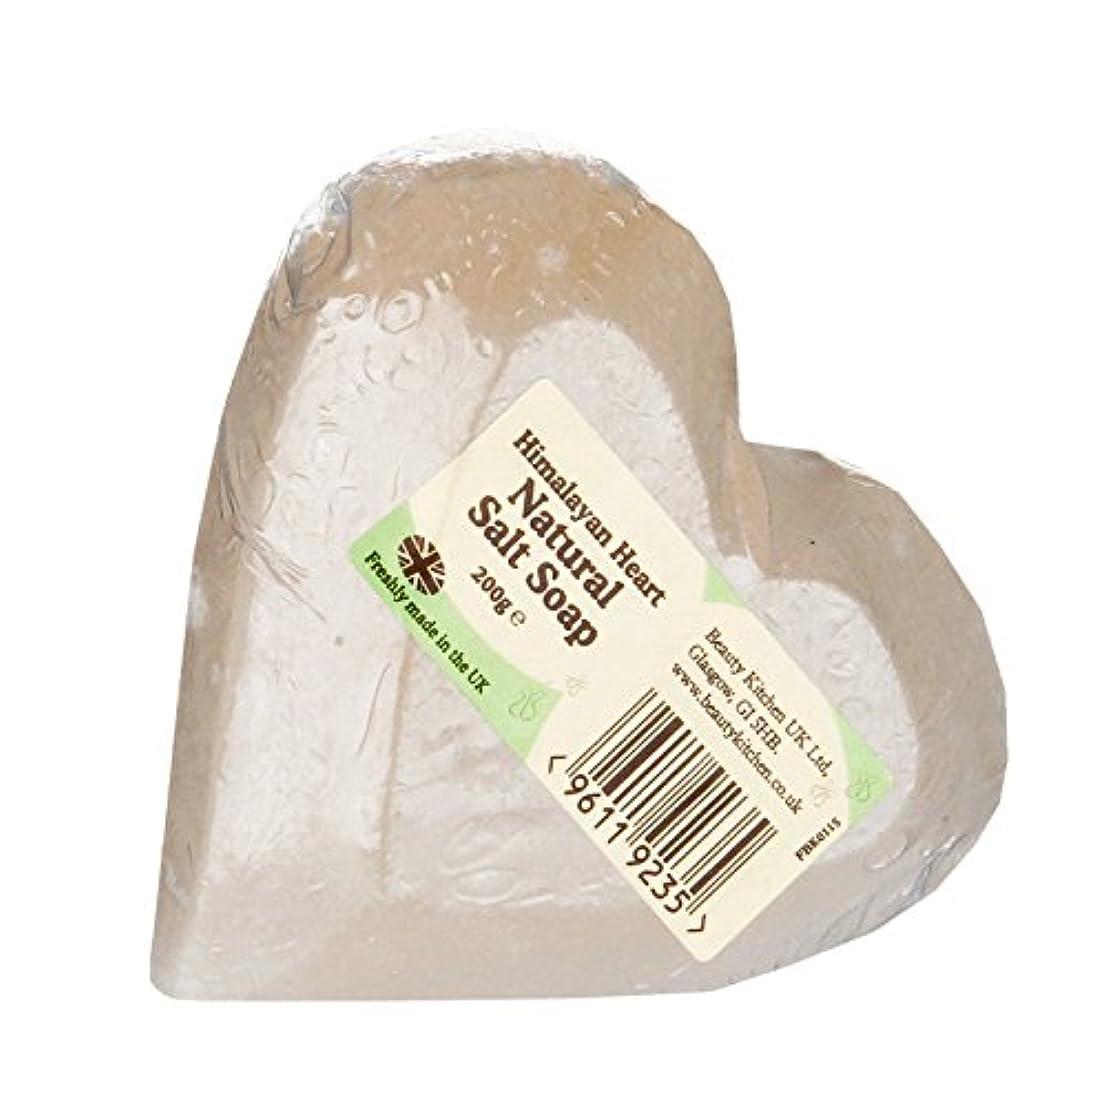 スリルピルファー教育者美容キッチンヒマラヤンハートソープ200グラム - Beauty Kitchen Himalayan Heart Soap 200g (Beauty Kitchen) [並行輸入品]